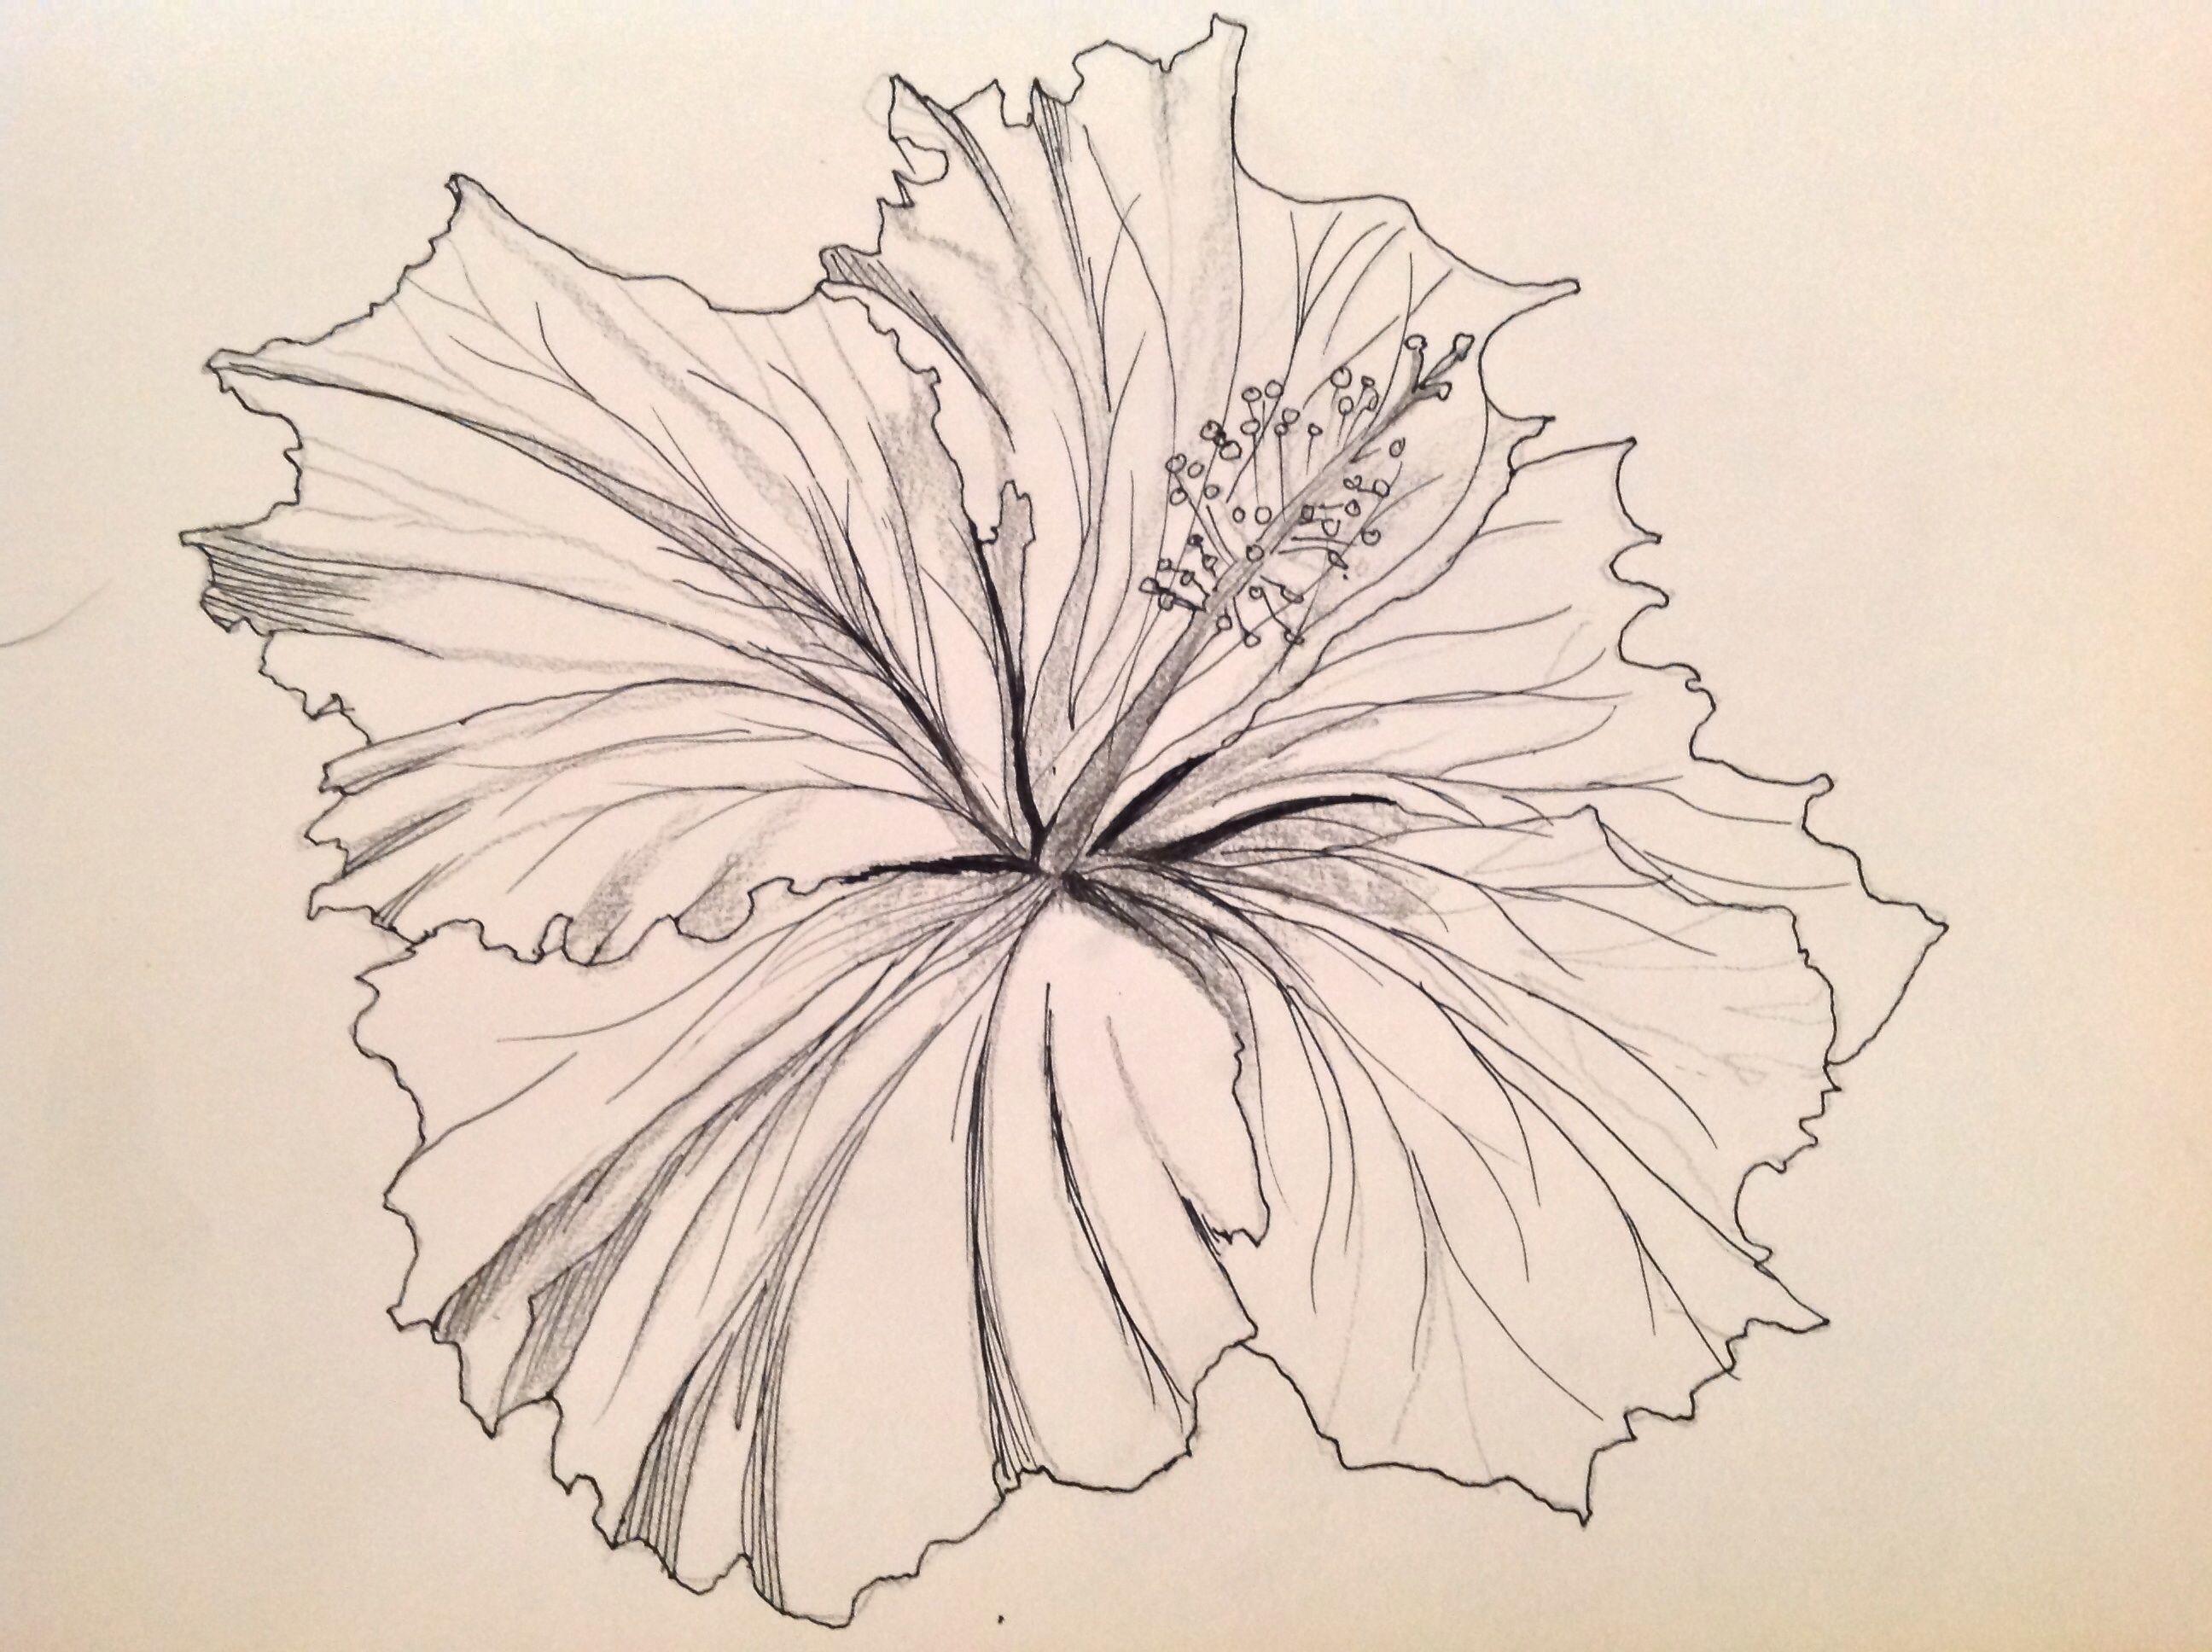 Black and white hibiscus drawings art love light ink pinterest black and white hibiscus drawings art love light izmirmasajfo